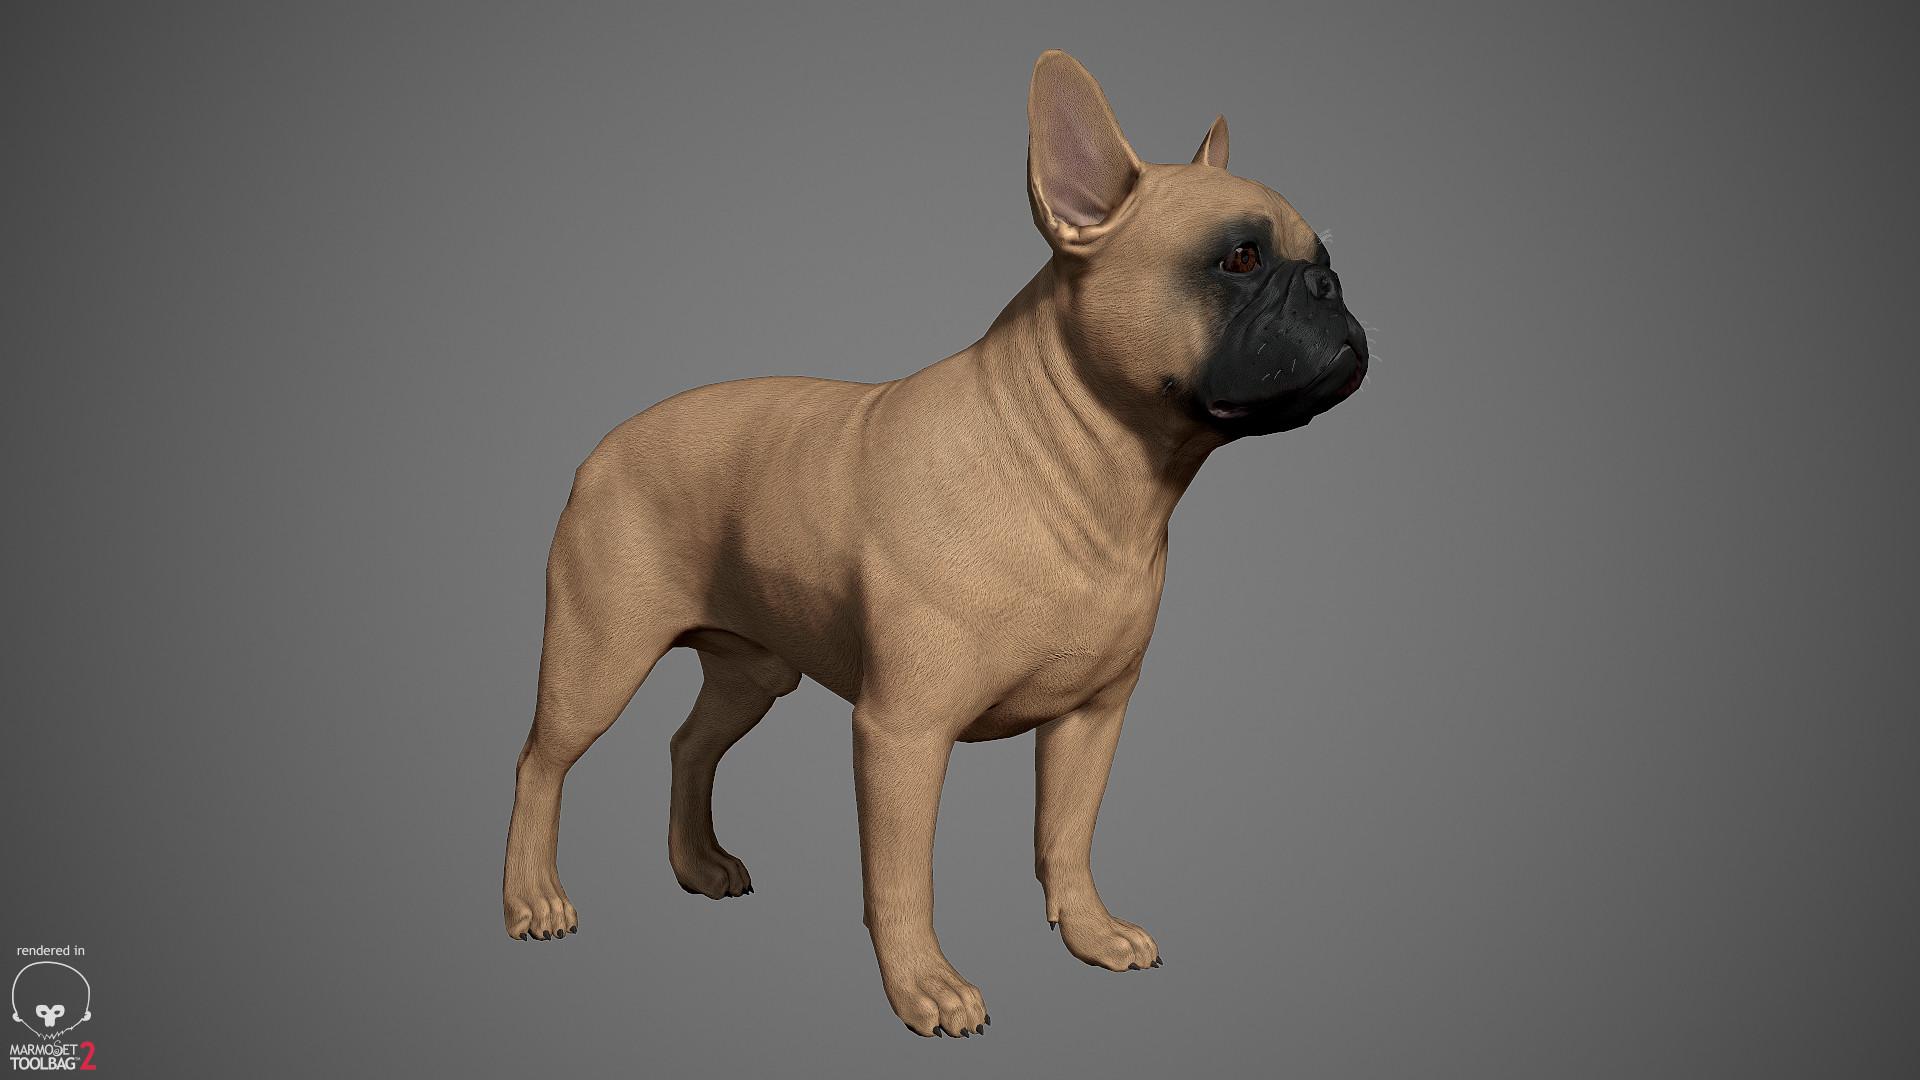 Alex lashko frenchbulldog by alexlashko marmoset 02